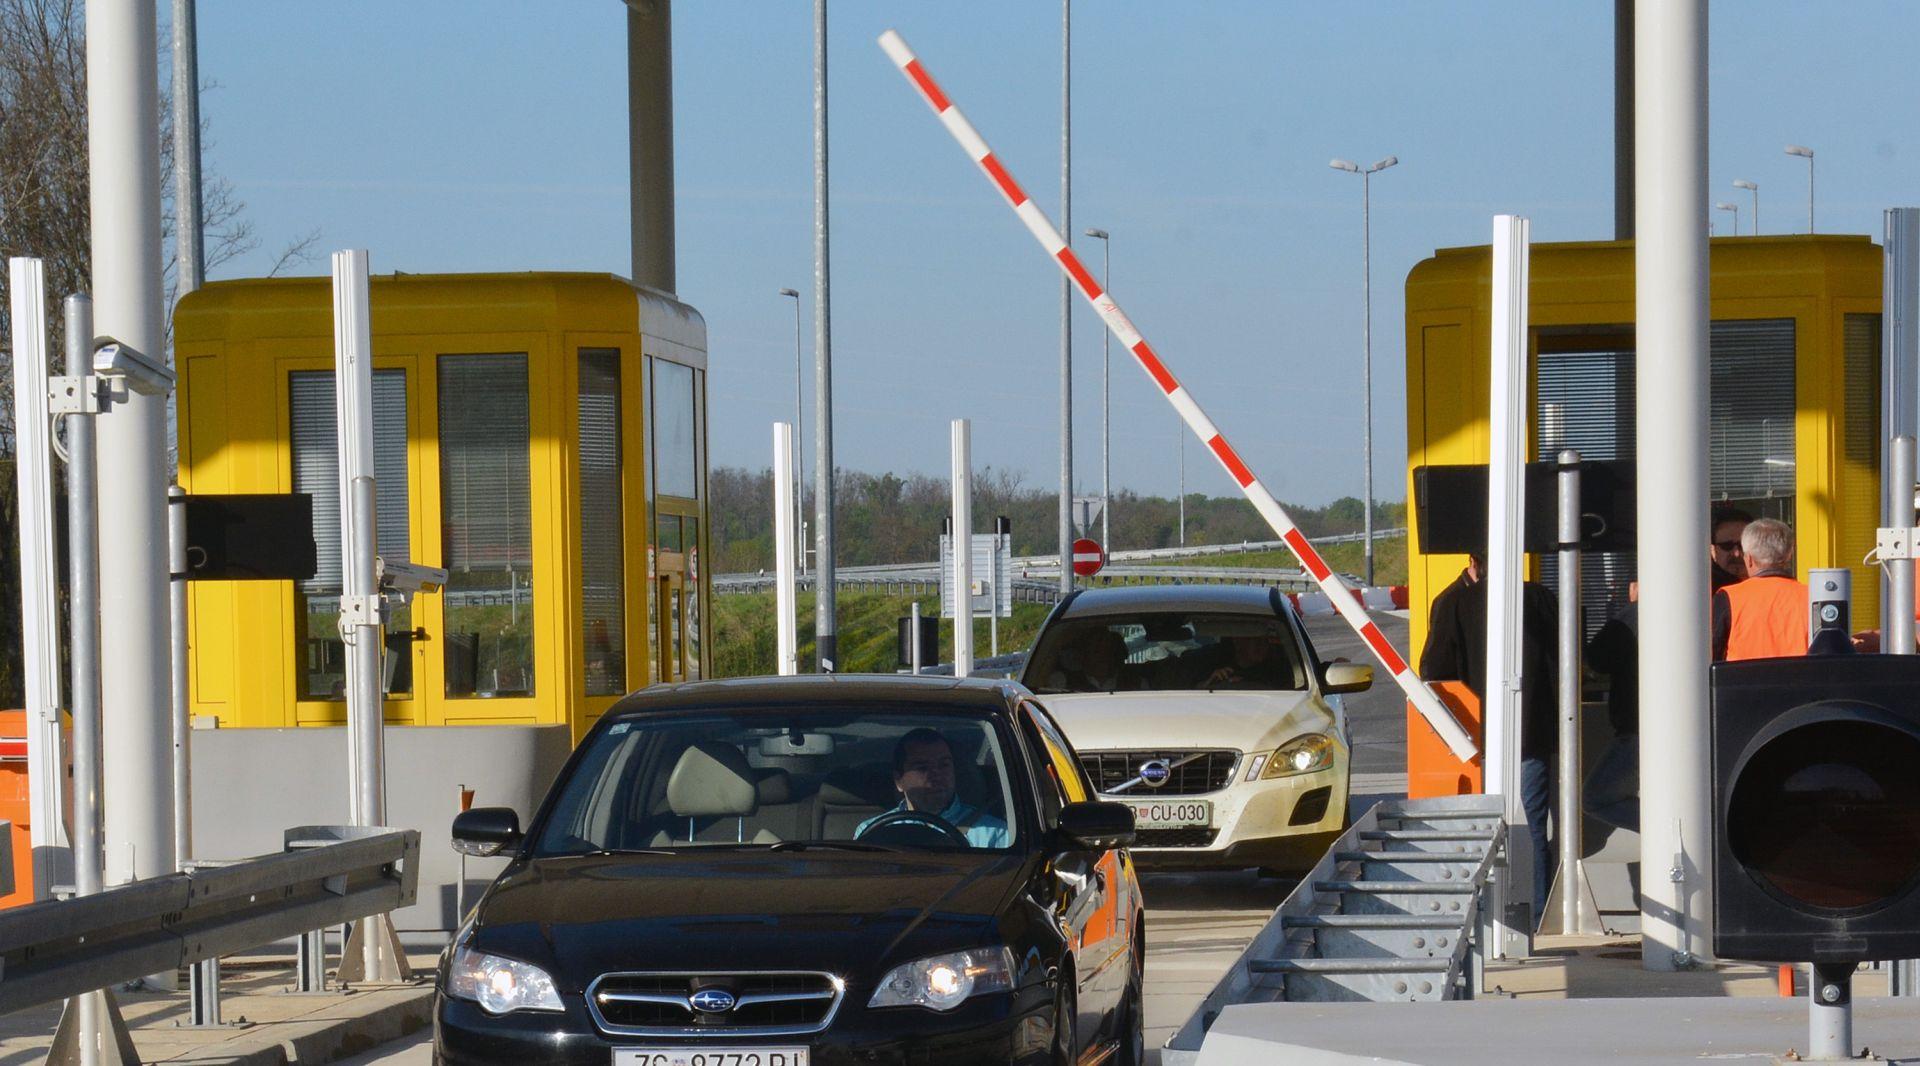 NAKON POSKUPLJENJA ENERGENATA: Rast će i cijena cestarine